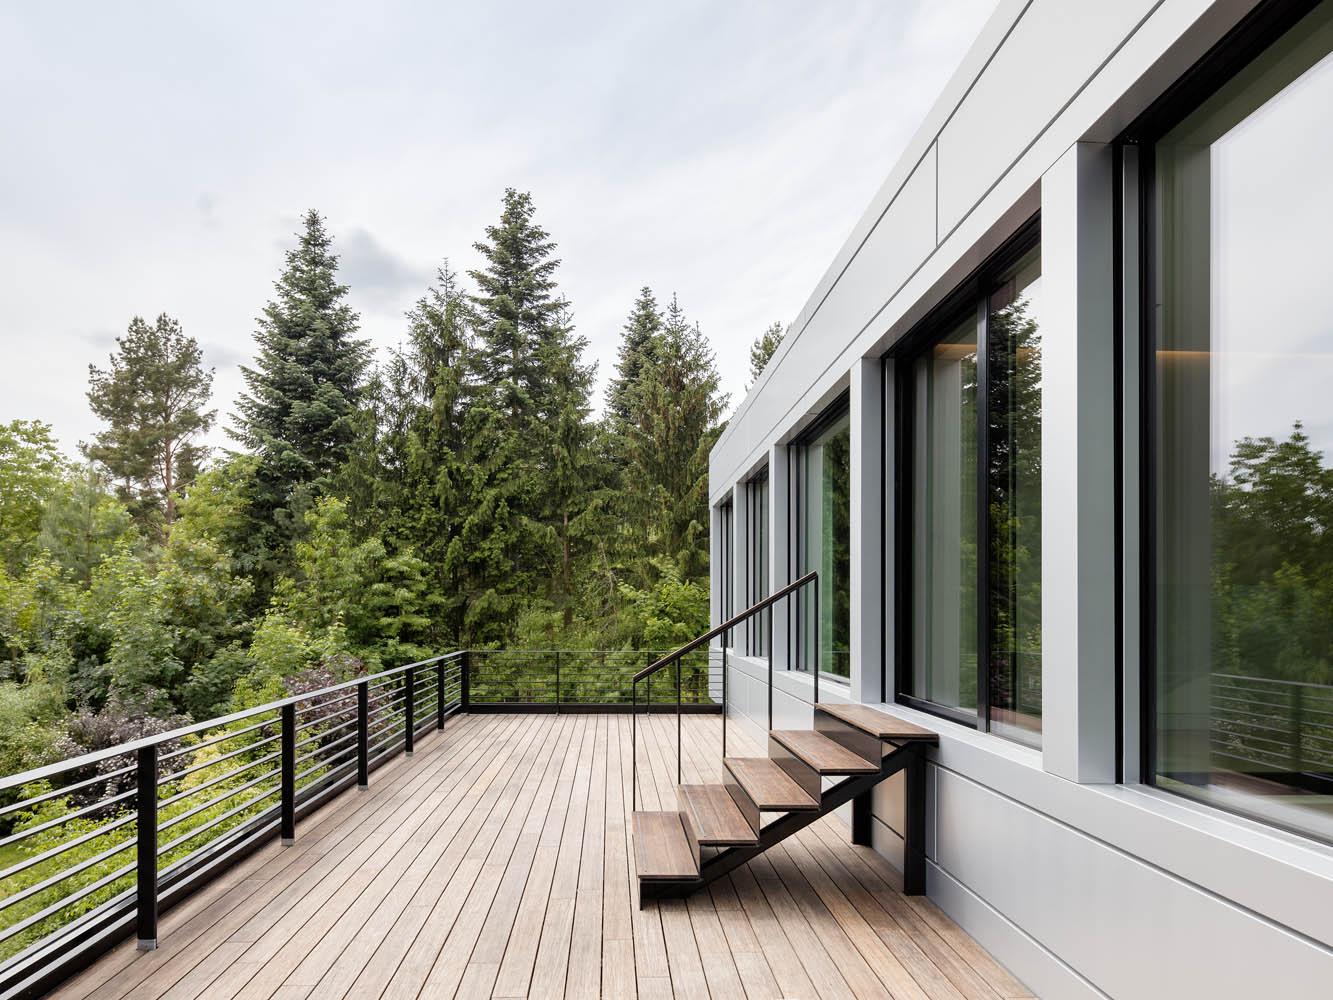 Architekturfotografie Tchoban Voss Architekten Architekturdokumentation Villa bei Potsdam